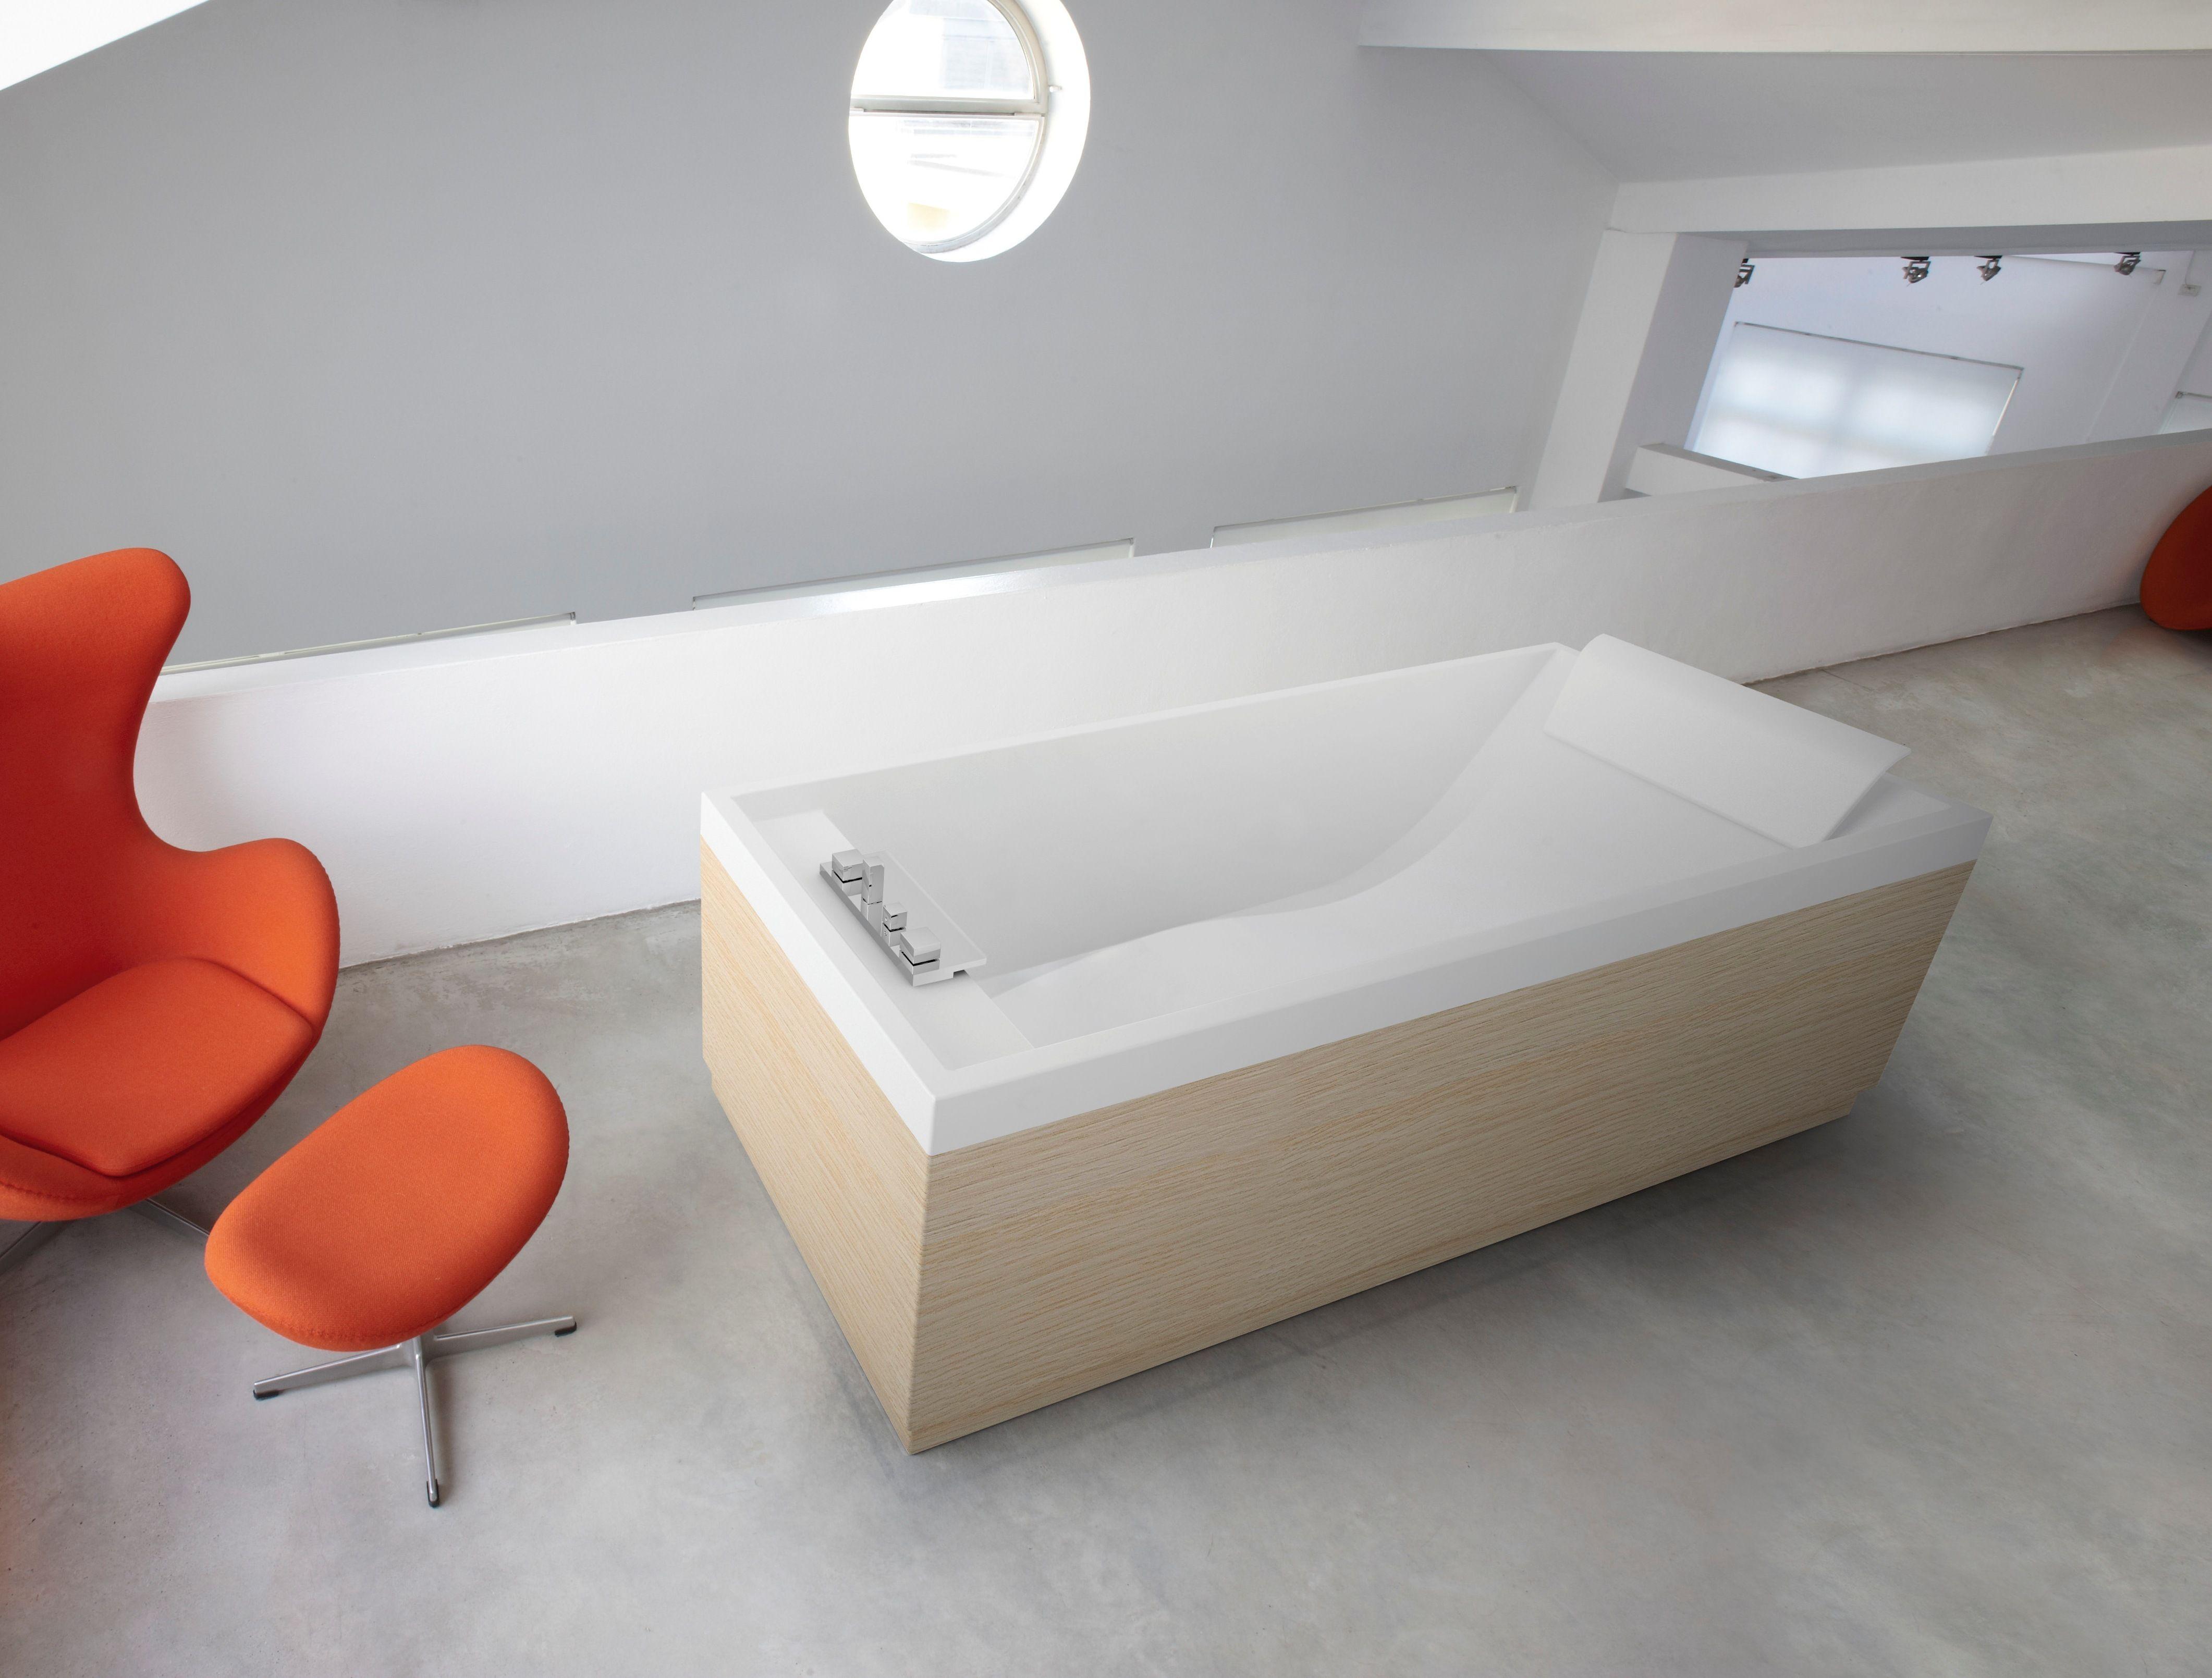 """Bad """"Sense""""  - wit glans  - met hoofdsteun  - 3 panelen in witte eik - meer modellen in onze showroom in Ninove http://www.zelfbouwmarkt.be/assortiment/badkamers/badkamermeubels/1001"""